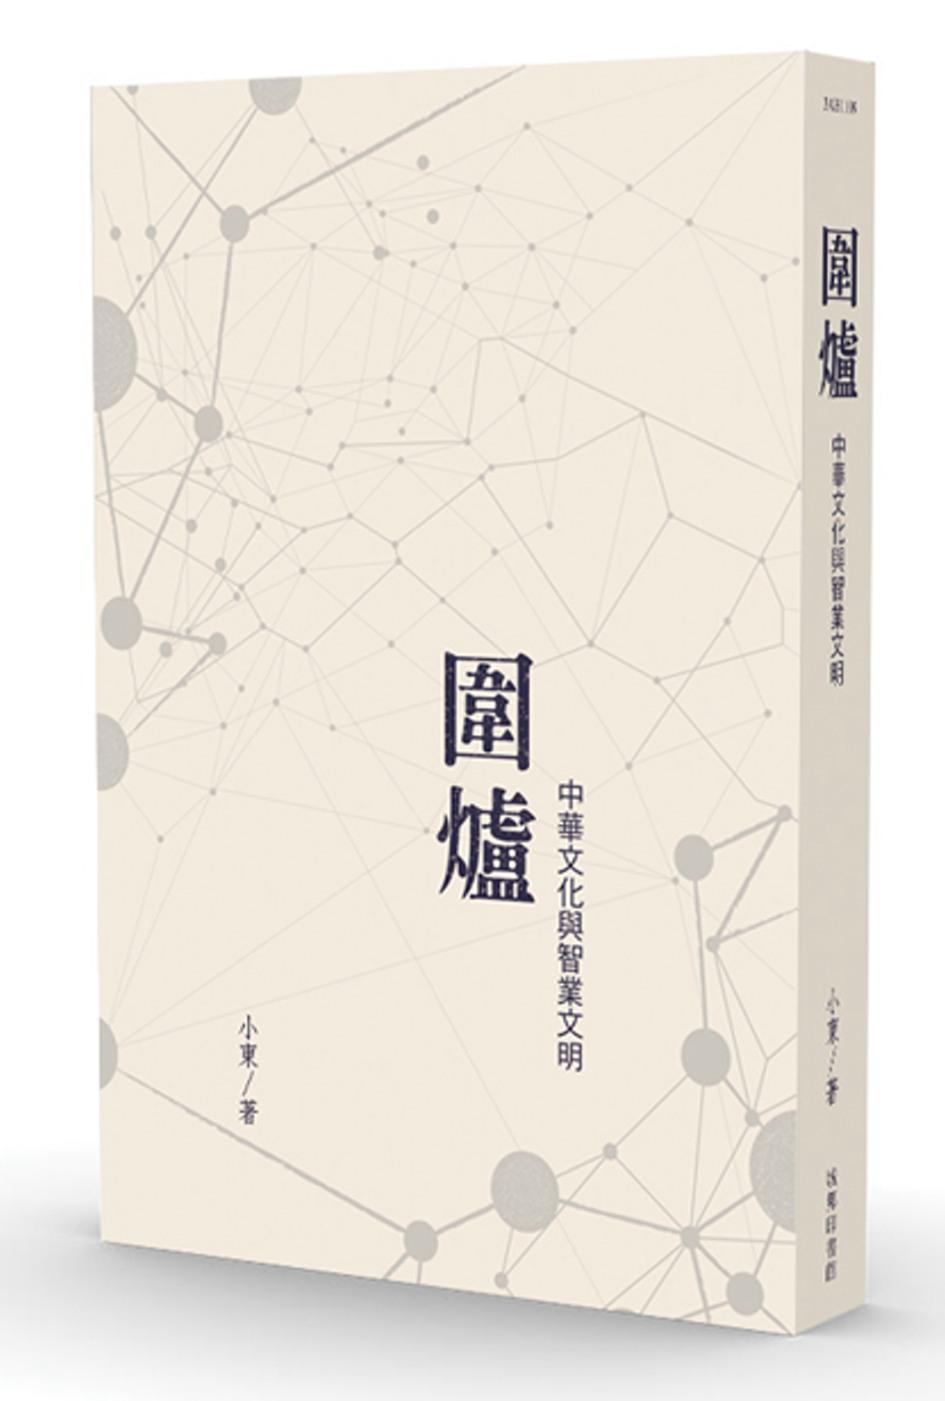 《圍爐:中華文化與智業文明》 商品條碼,ISBN:9789578679085